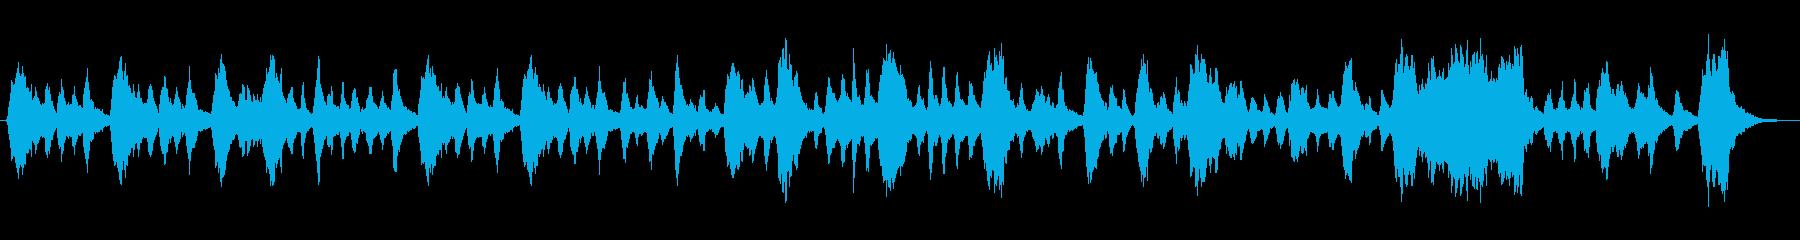 のんびりとした雰囲気のヴァイオリン楽曲の再生済みの波形